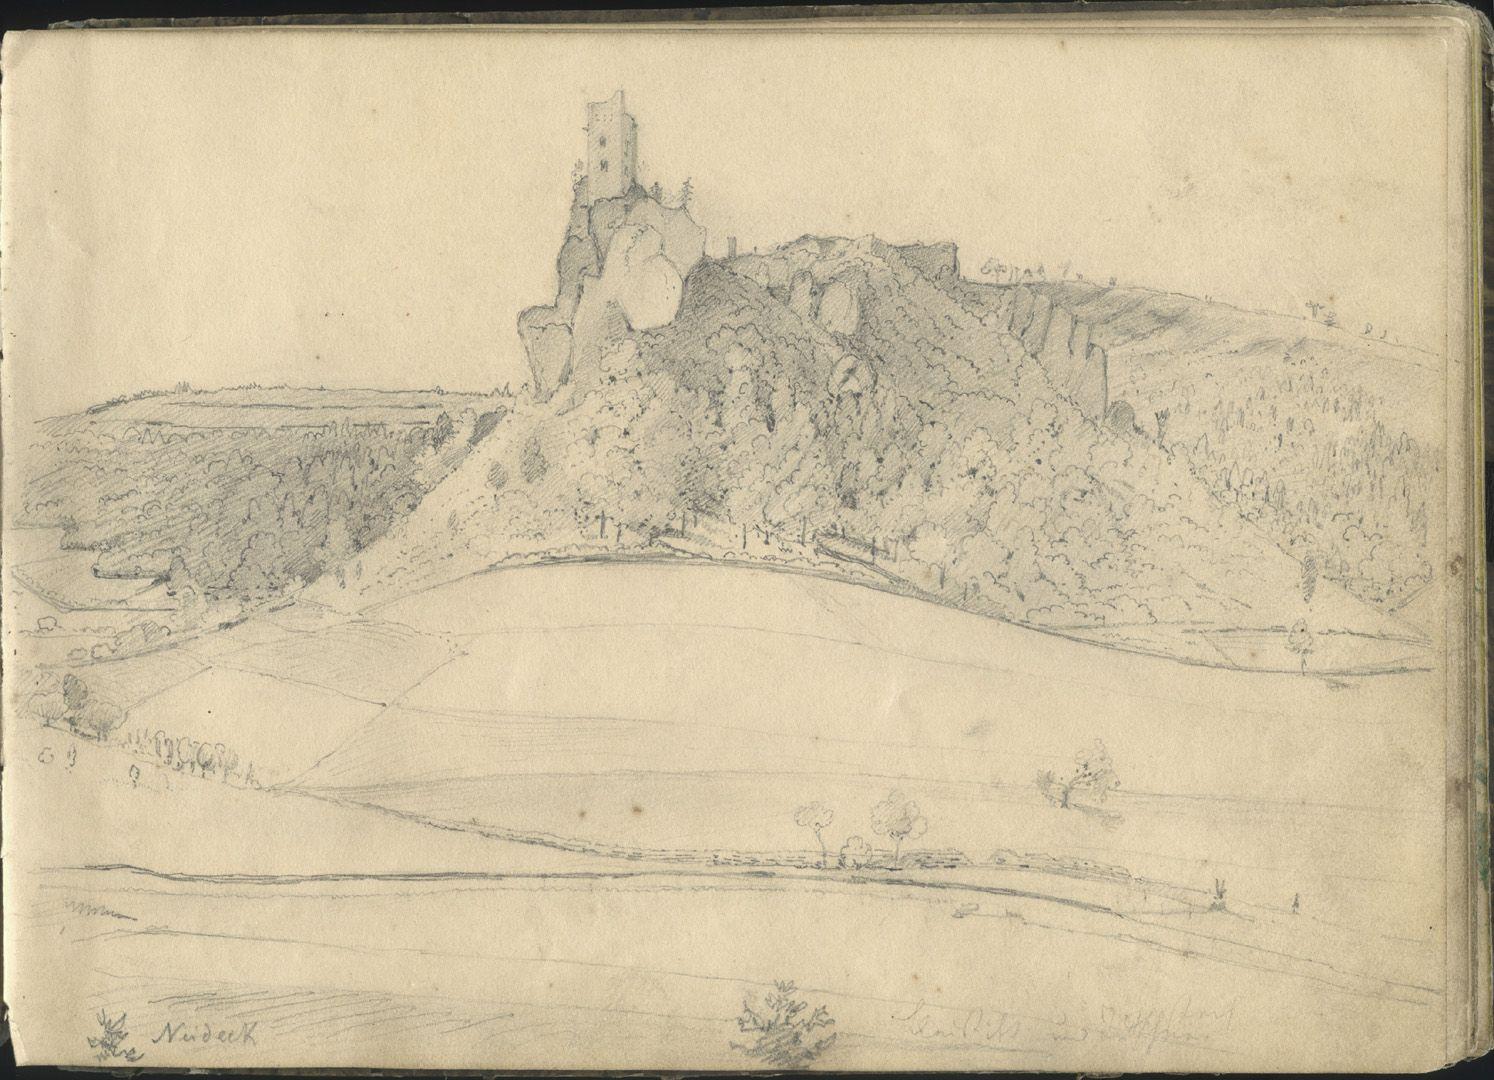 Skizzenbuch mit Ansichten von Streitberg und Neideck / inkl. Hallerweiherhaus in Nürnberg Neideck